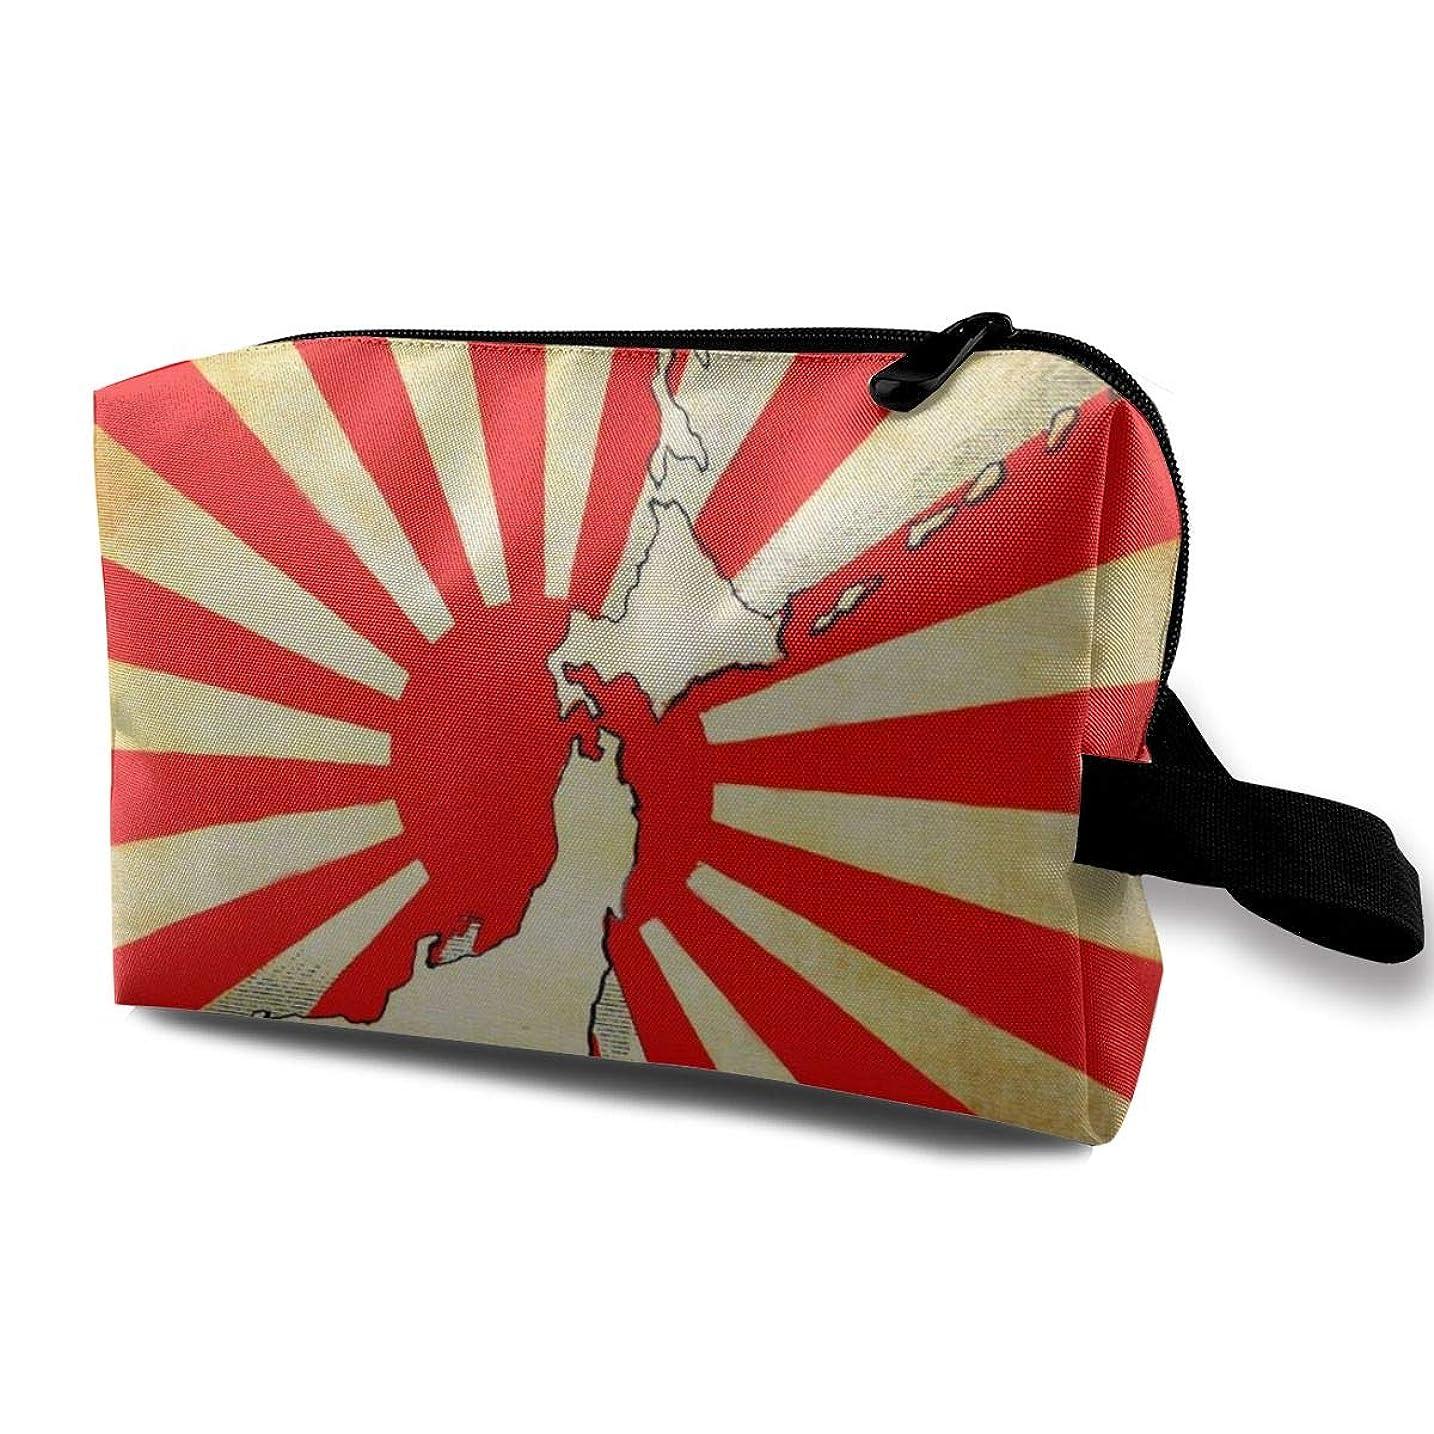 変更可能大事にするインタフェース化粧ポーチ トイレタリーバッグ トラベルポーチ 偉い日本 防水耐震 大容量 収納ポーチ 出張 海外 旅行グッズ 男女兼用